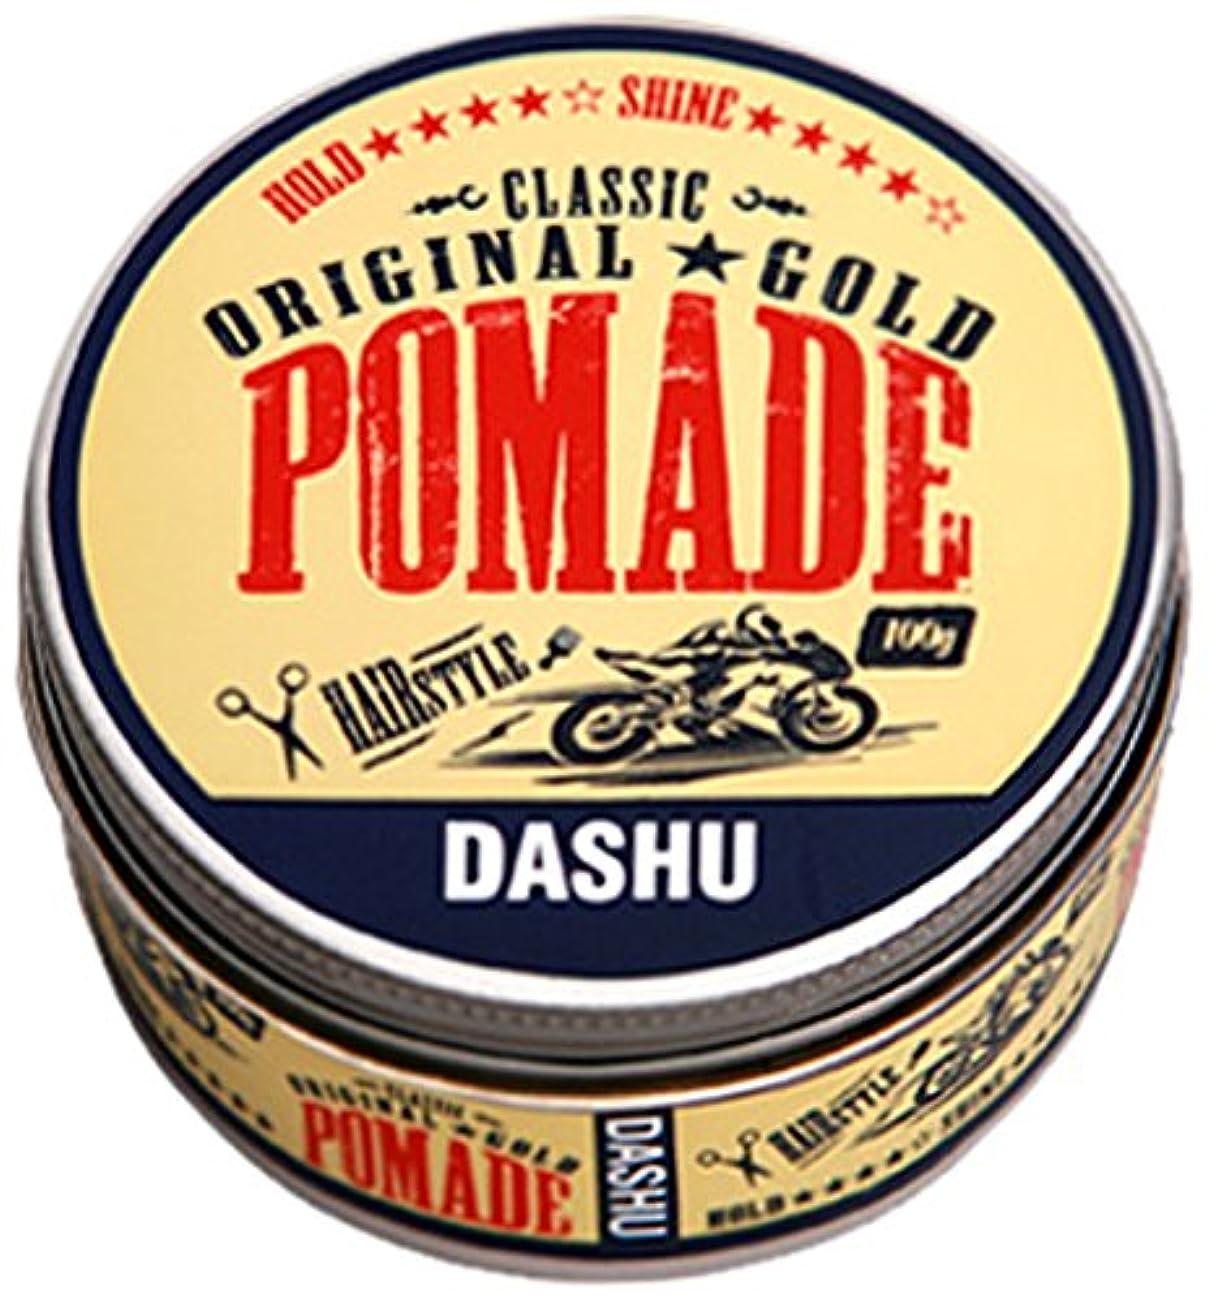 コモランマパーツ控えめな[DASHU] ダシュ クラシックオリジナルゴールドポマードヘアワックス Classic Original Gold Pomade Hair Wax 100ml / 韓国製 . 韓国直送品